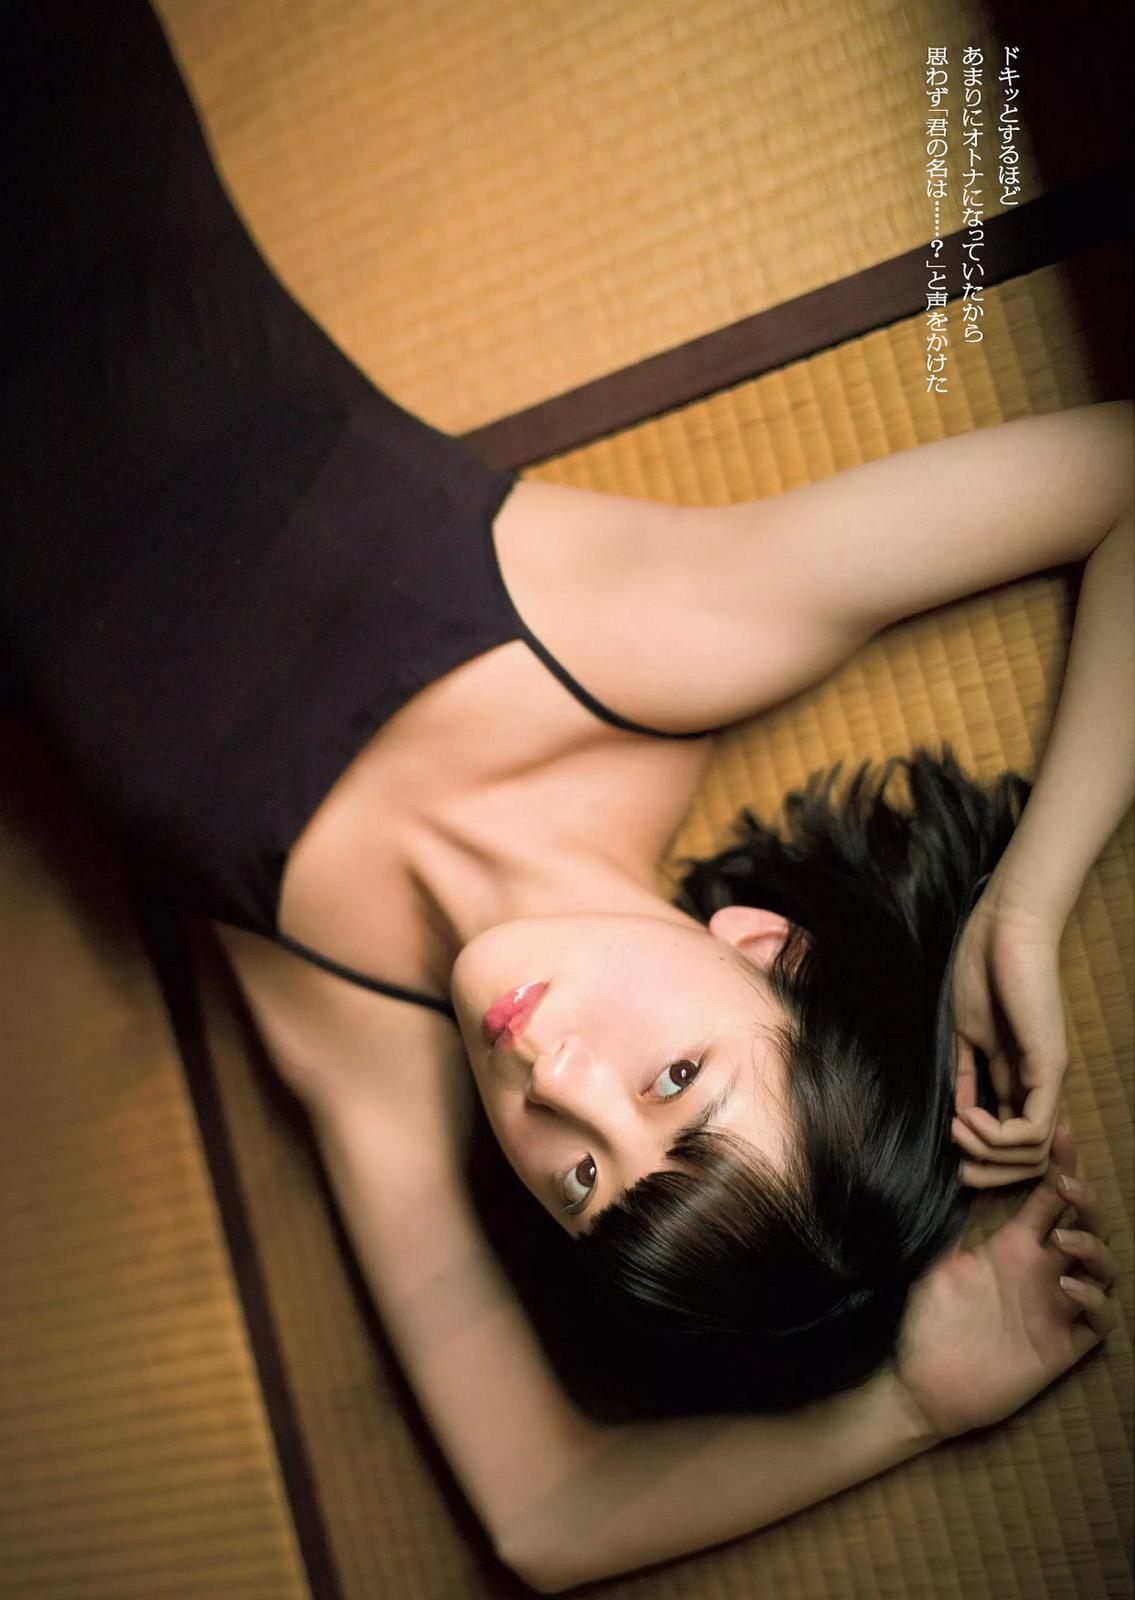 乃木坂46堀未央奈(21)の写真集水着グラビアエロ画像95枚・29枚目の画像